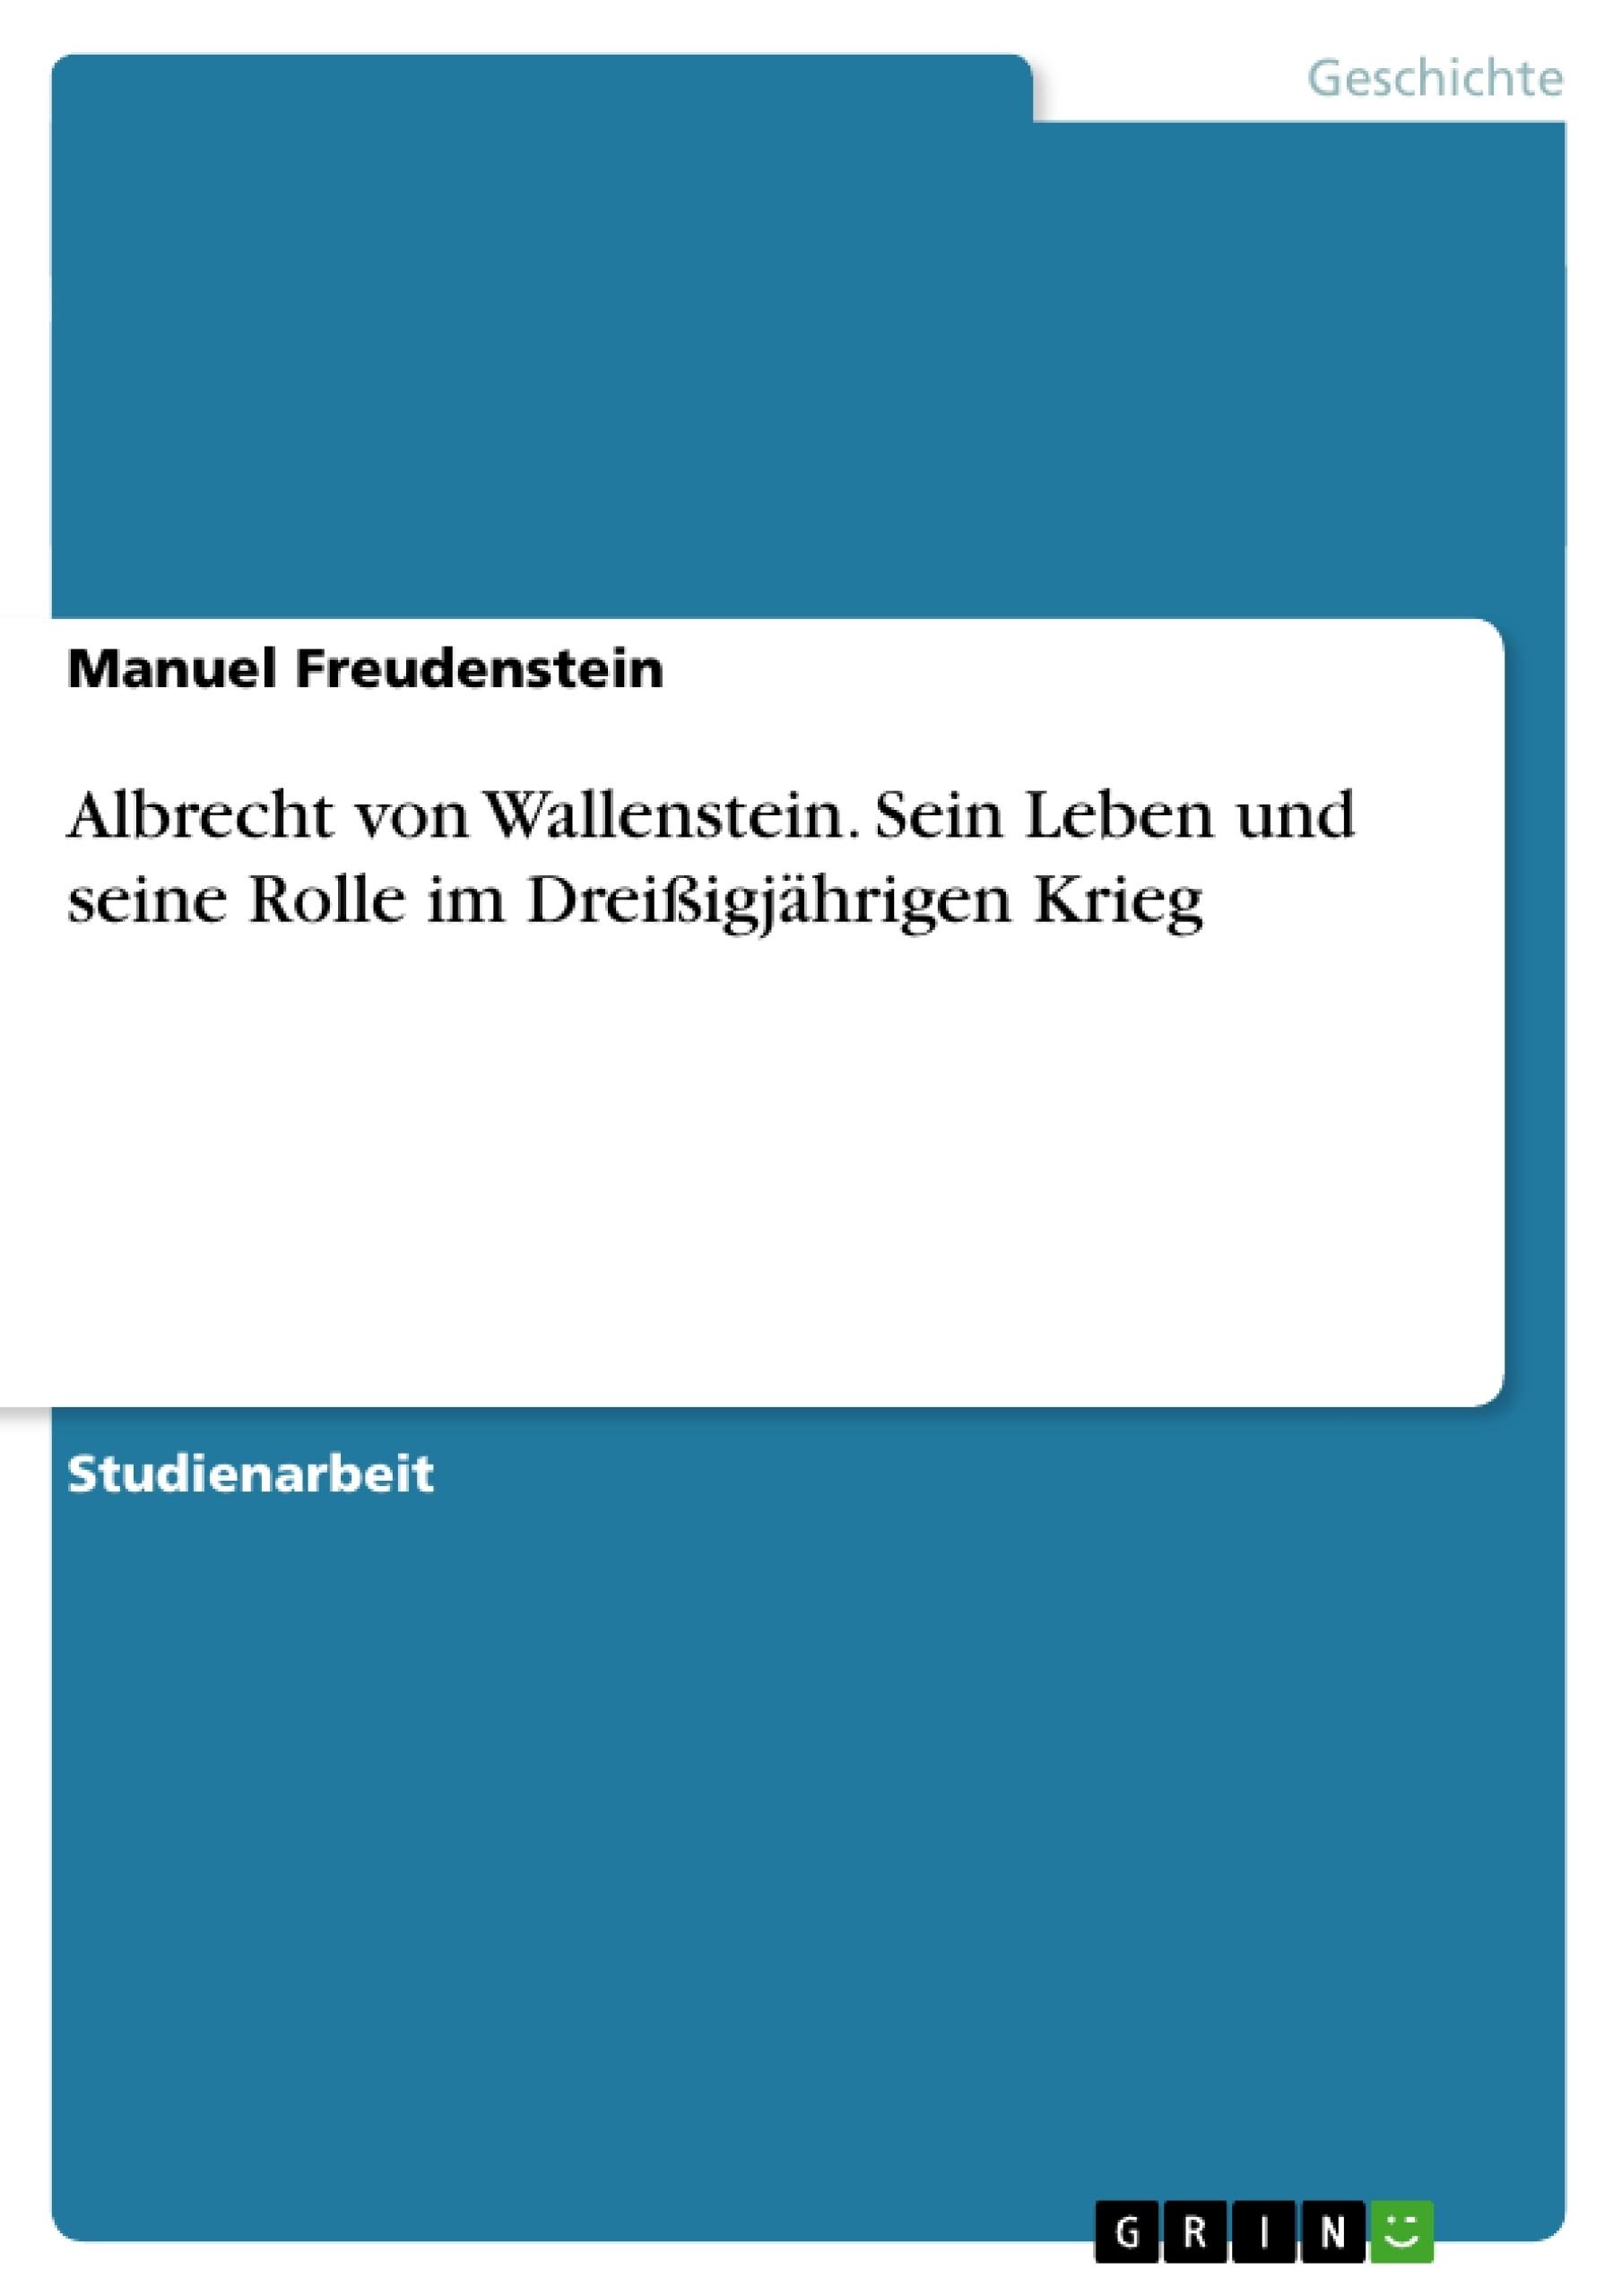 Titel: Albrecht von Wallenstein. Sein Leben und seine Rolle im Dreißigjährigen Krieg